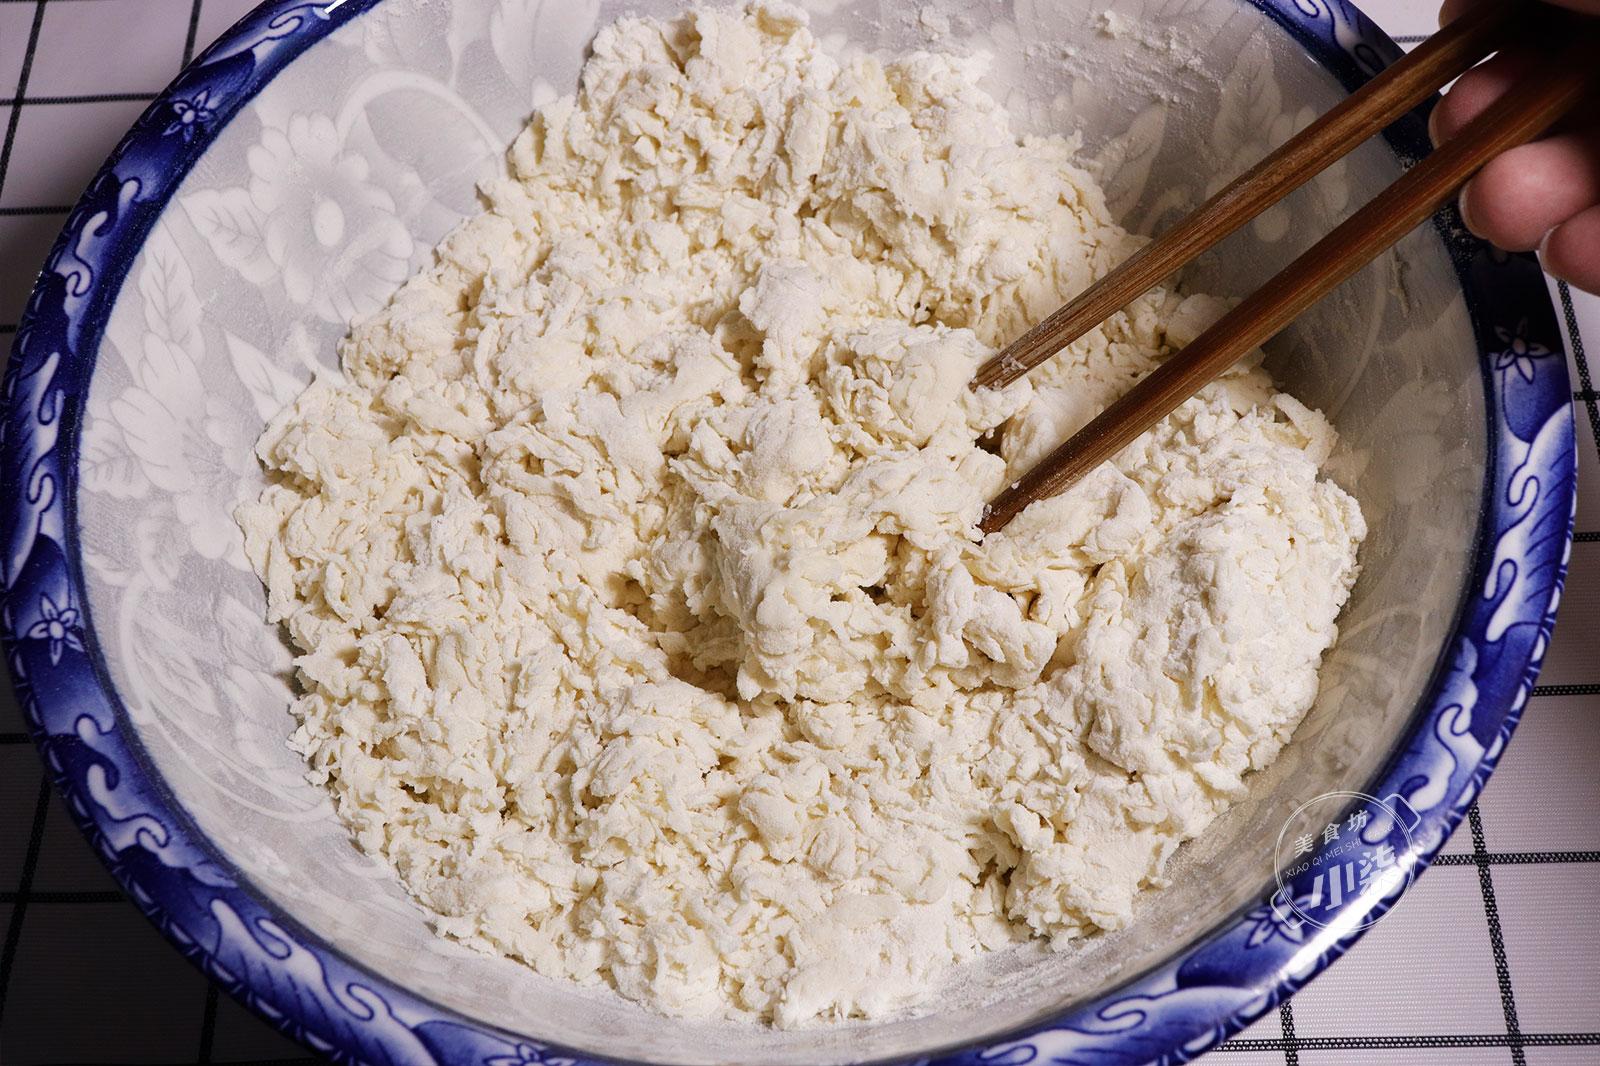 麵粉裡加一袋牛奶,我家一周吃6次,出鍋一口一個,孩子搶著吃